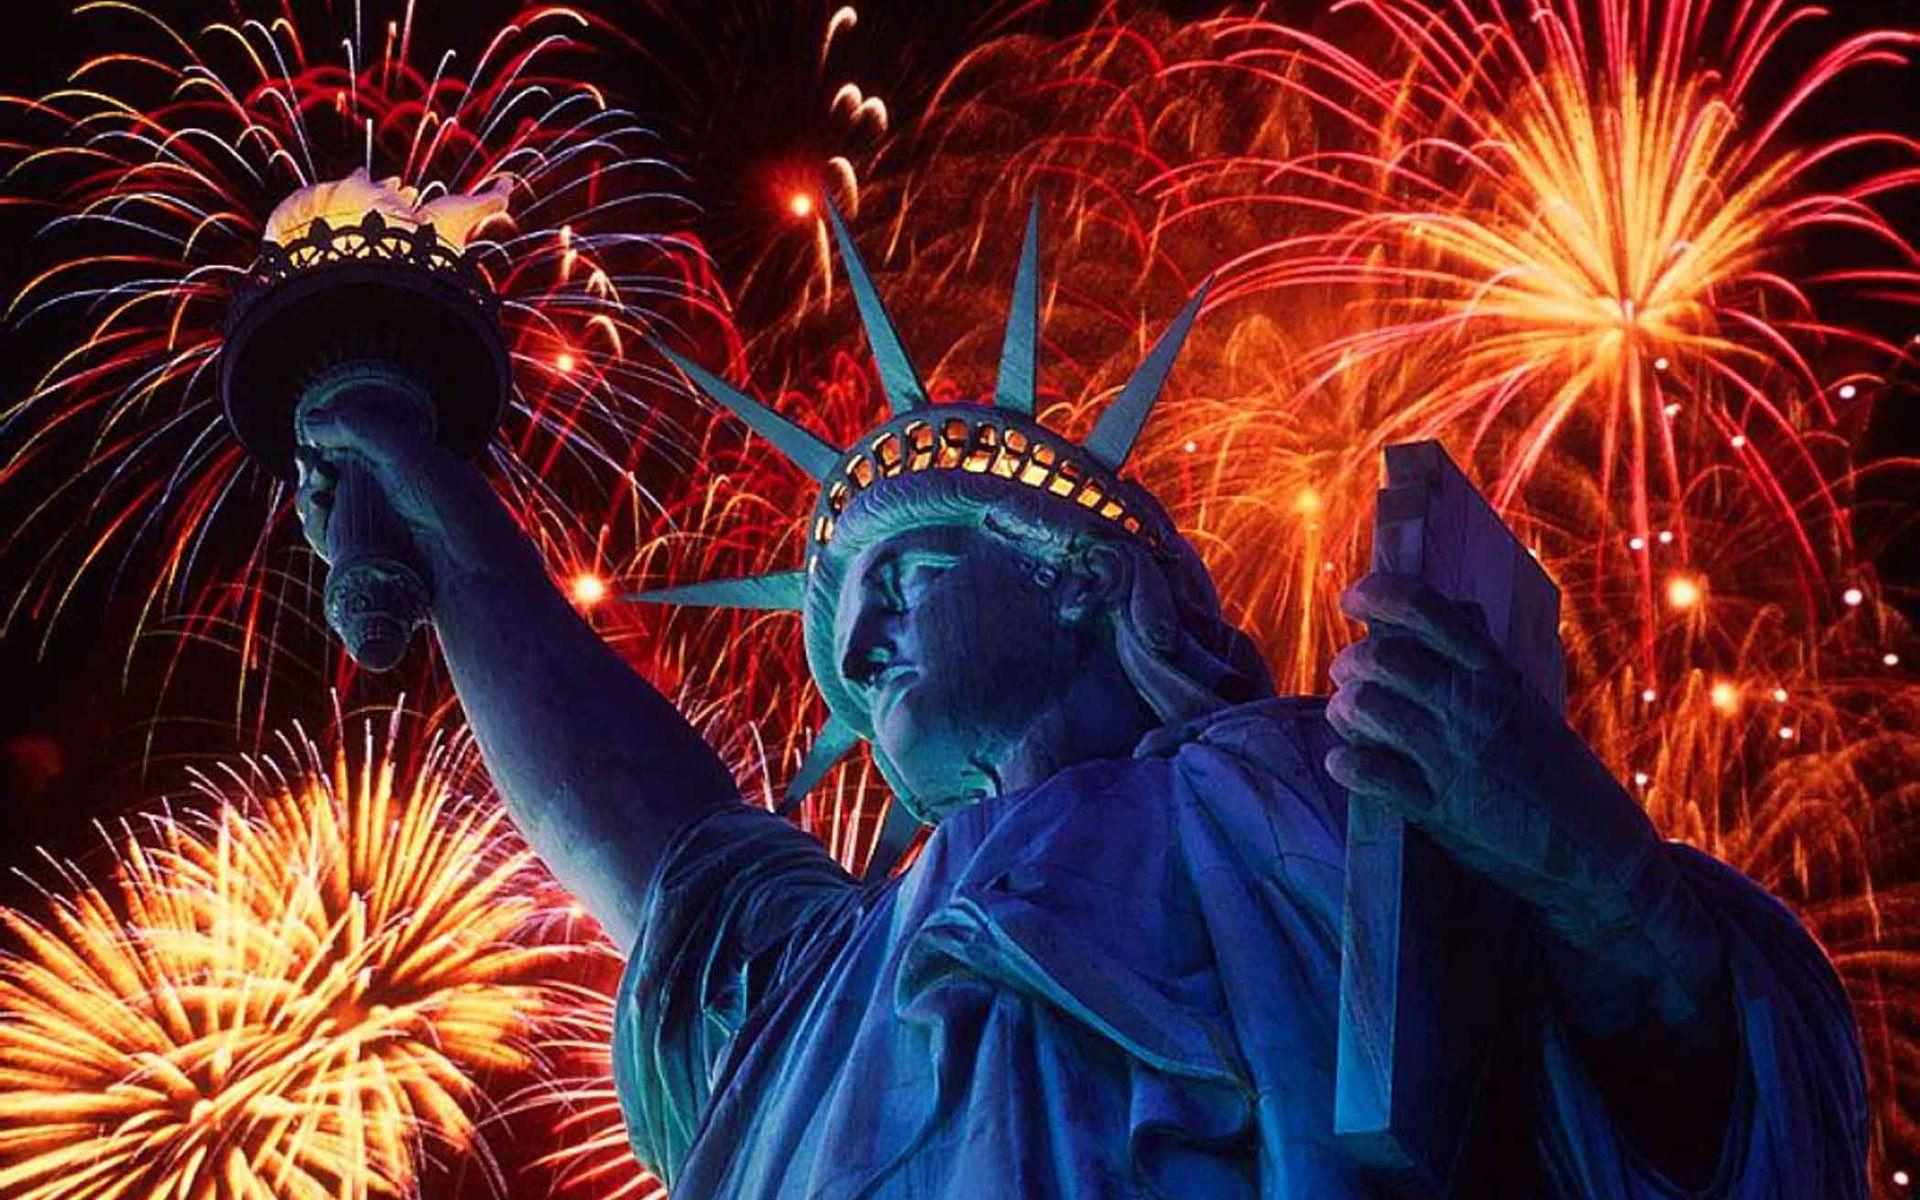 Ảnh tượng nữ thần tự do kỳ vĩ, tinh tế - biểu tượng của nước Mỹ